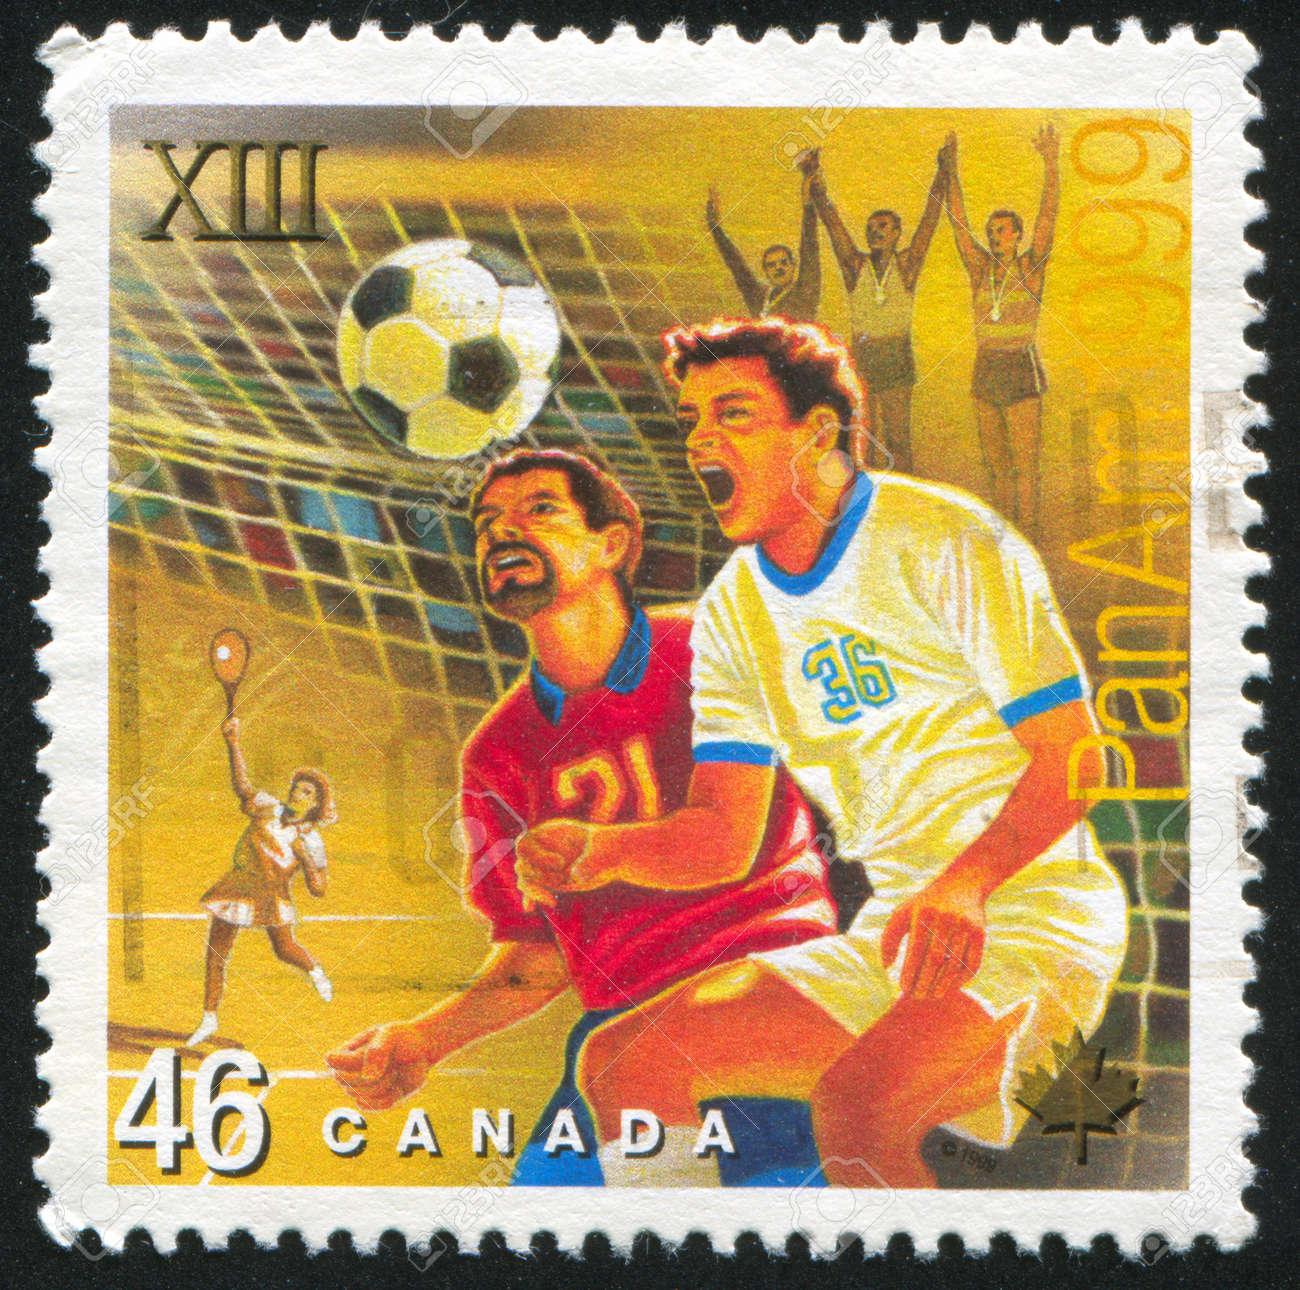 CANADA - CIRCA 1999: stamp printed by Canada, shows footballer, circa 1999 Stock Photo - 9742623